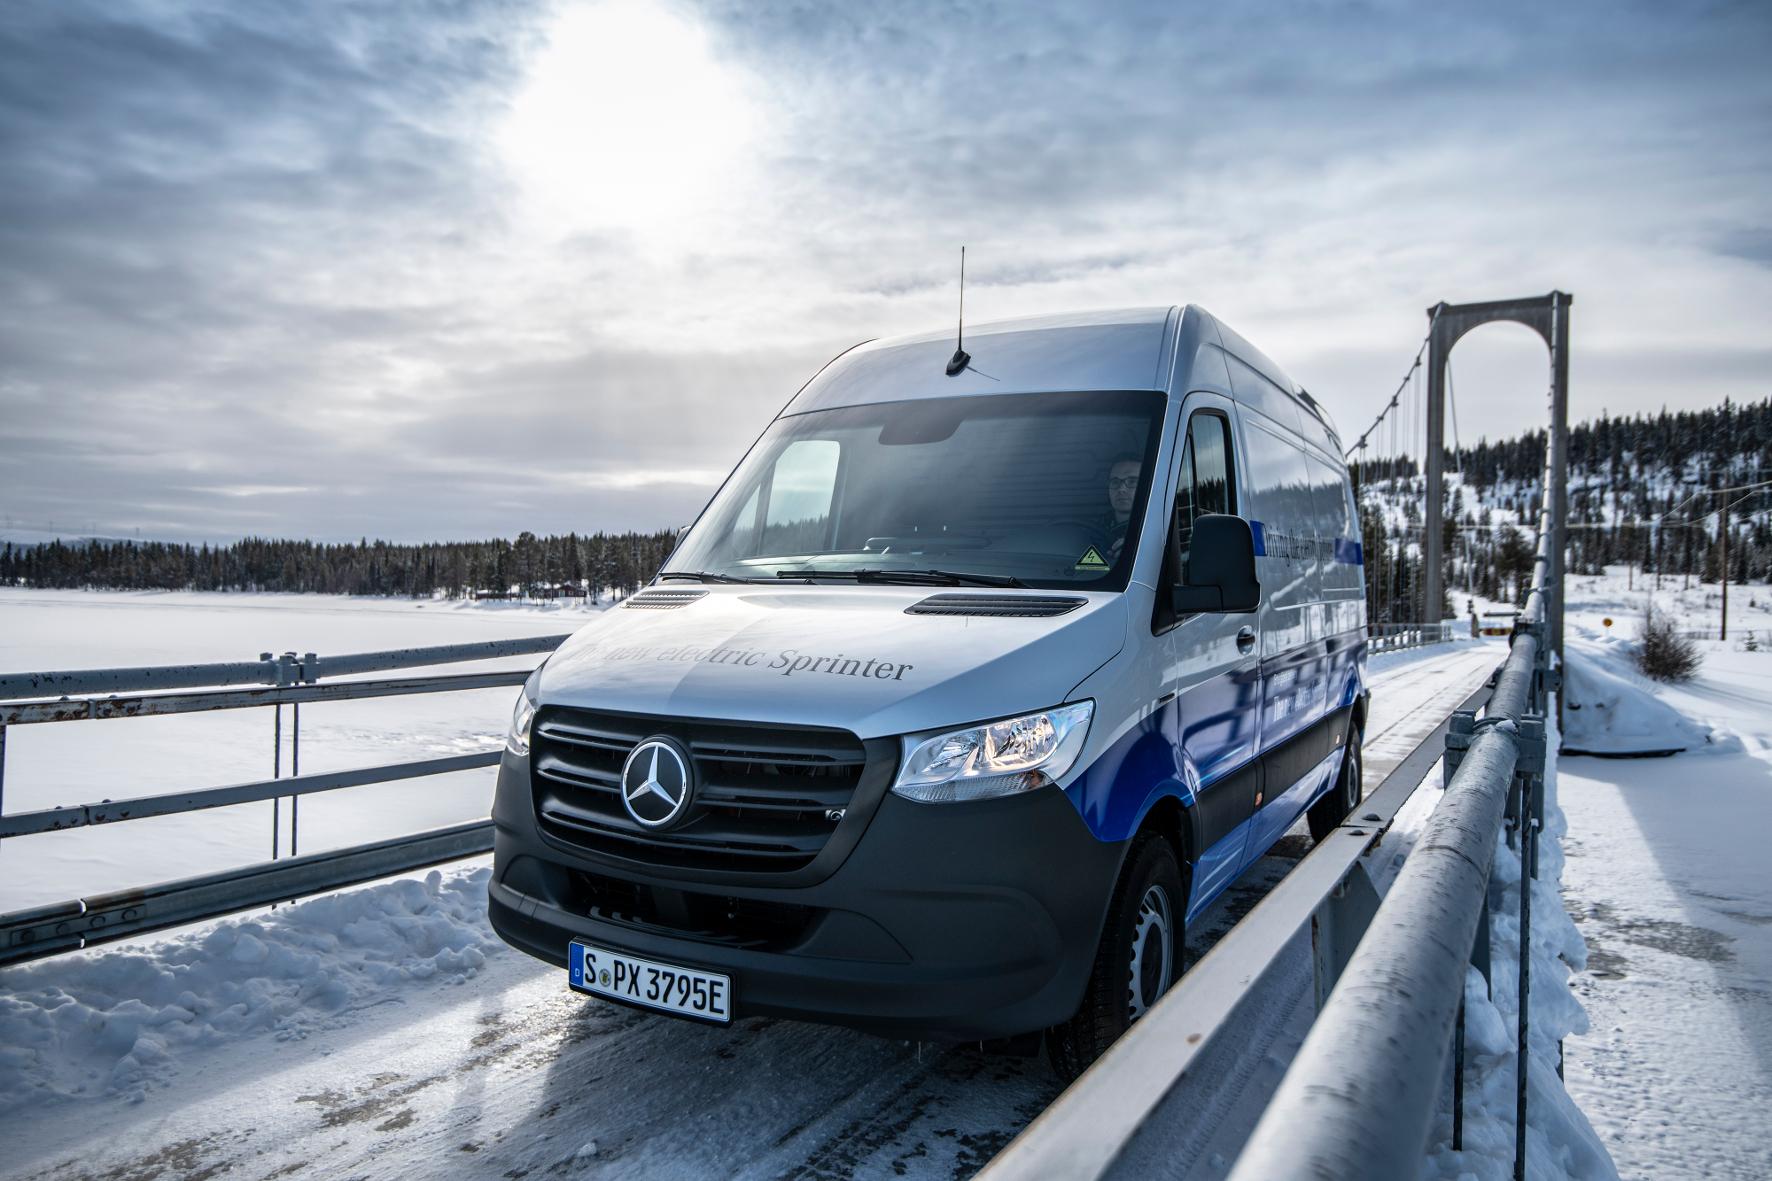 mid Groß-Gerau - Bei Temperaturen von minus 30 Grad Celsius, vereister Fahrbahn und tiefem Schnee muss der eSprinter seine Einsatzfähigkeit unter Beweis stellen. Daimler